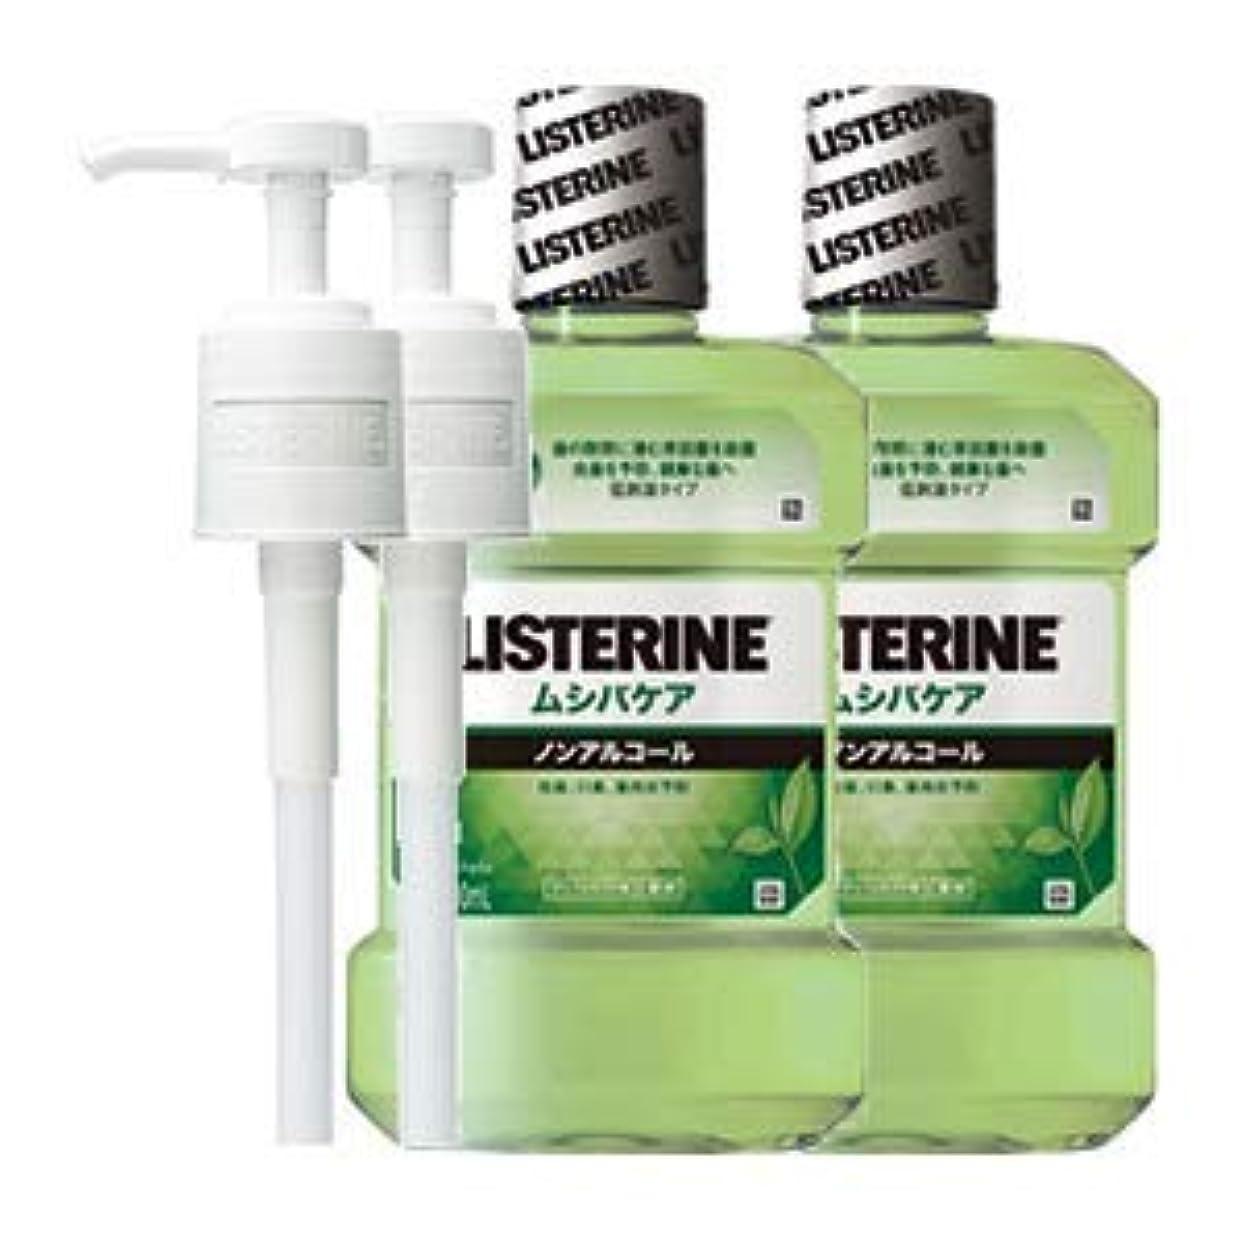 シードステップヘルシー薬用リステリン ムシバケア (液体歯磨) 1000mL 2点セット (ポンプ付)